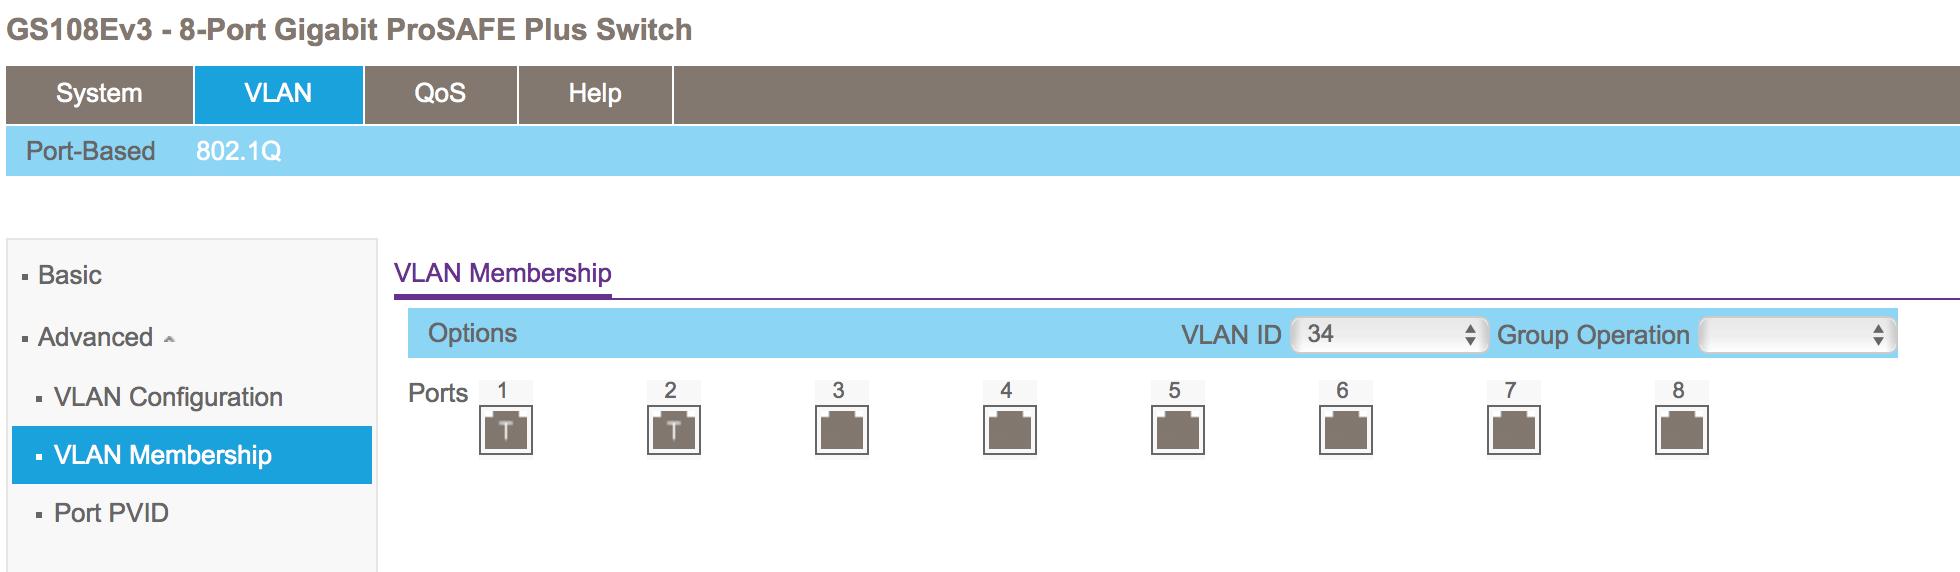 Netgear GS108E v3 VLAN 34 membership